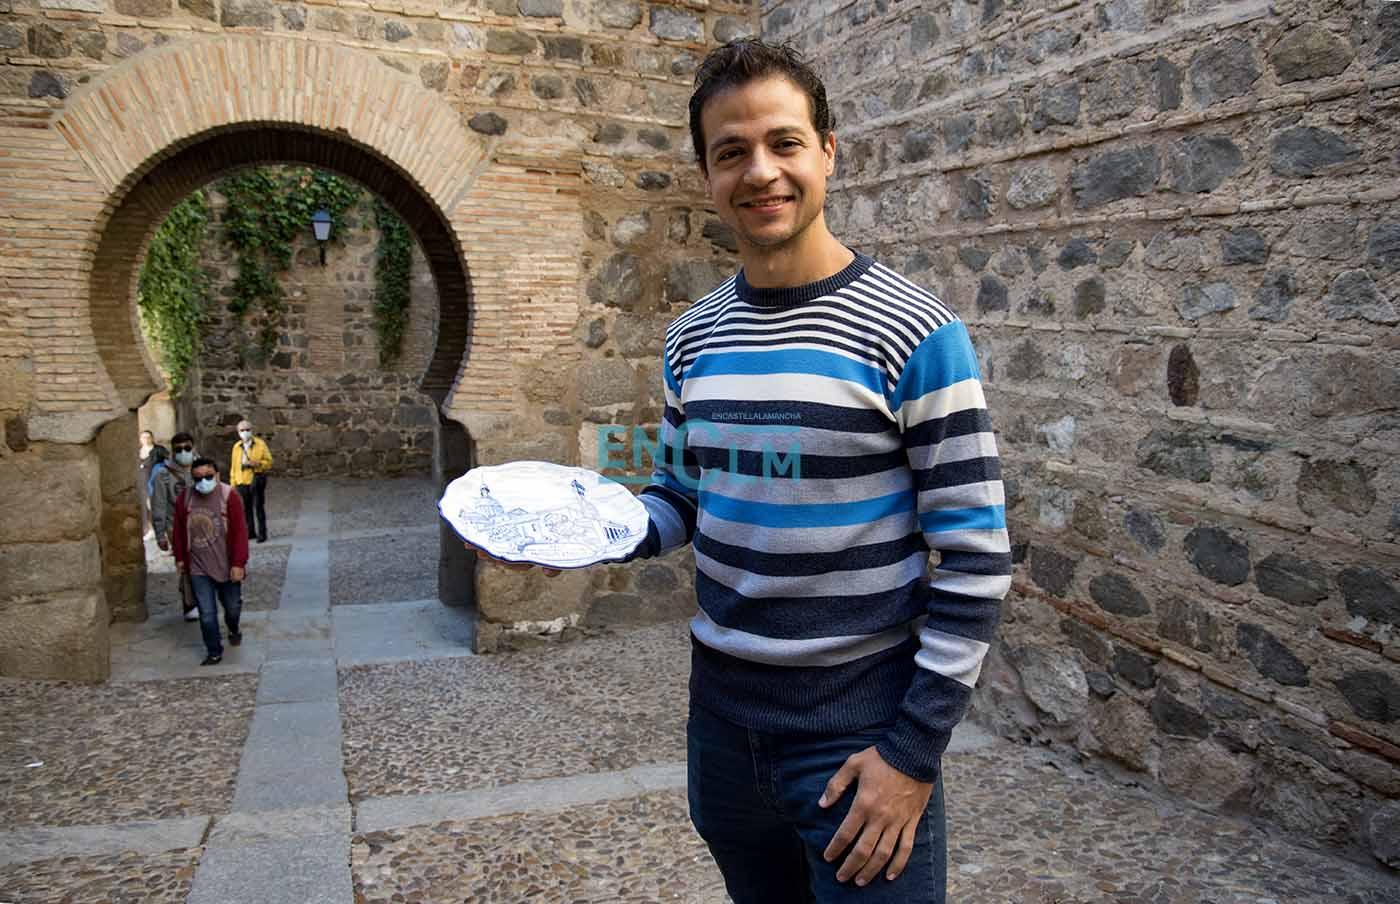 Christian López, con un plato de cerámica, premio deportivo que recibió de la Diputación en 2019. Foto: Rebeca Arango